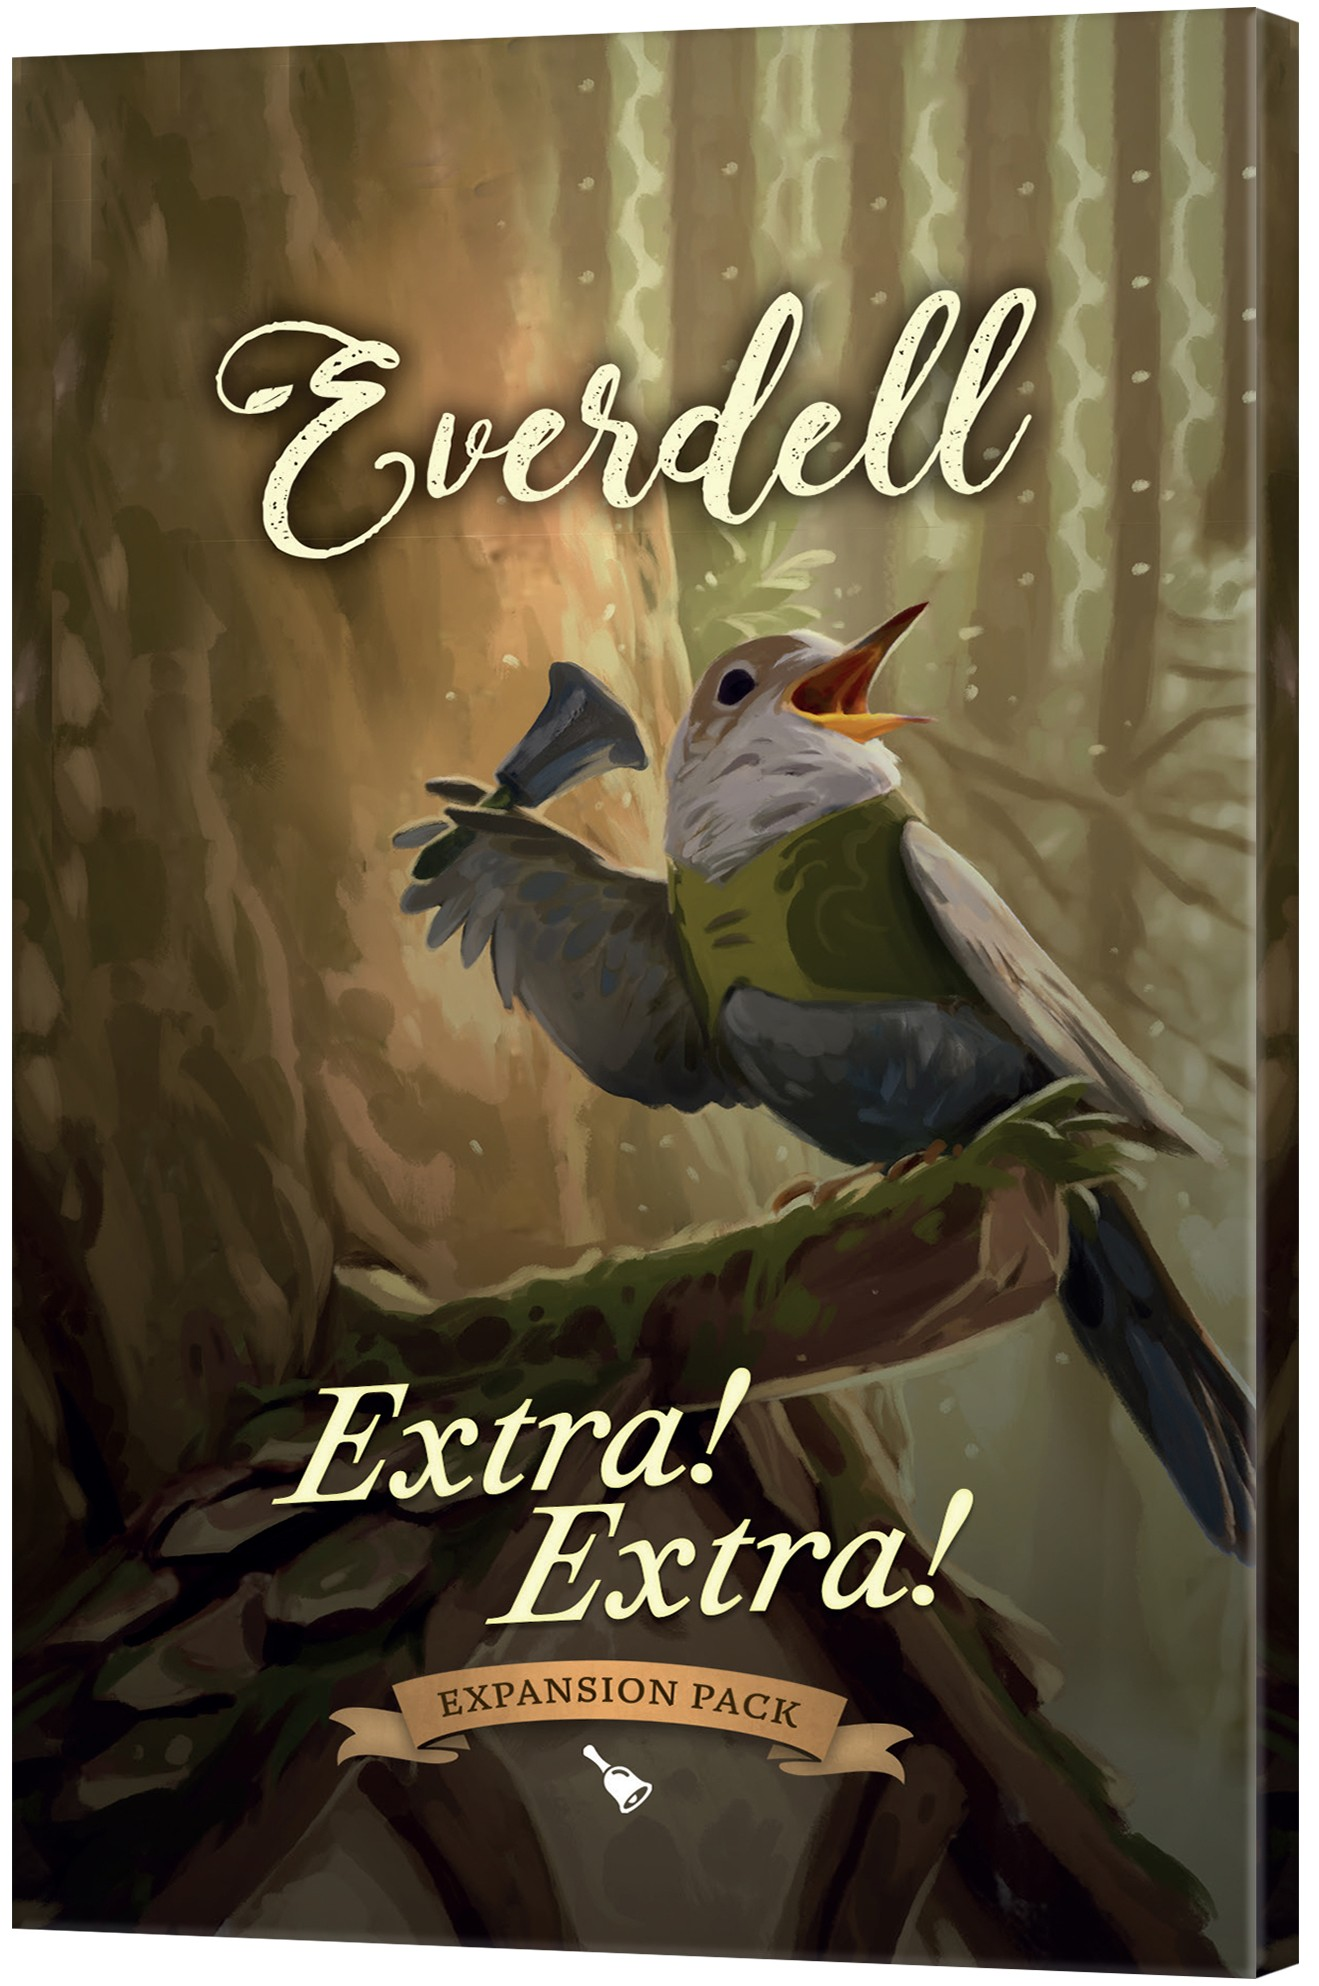 Everdell: Więcej! Więcej! (przedsprzedaż)